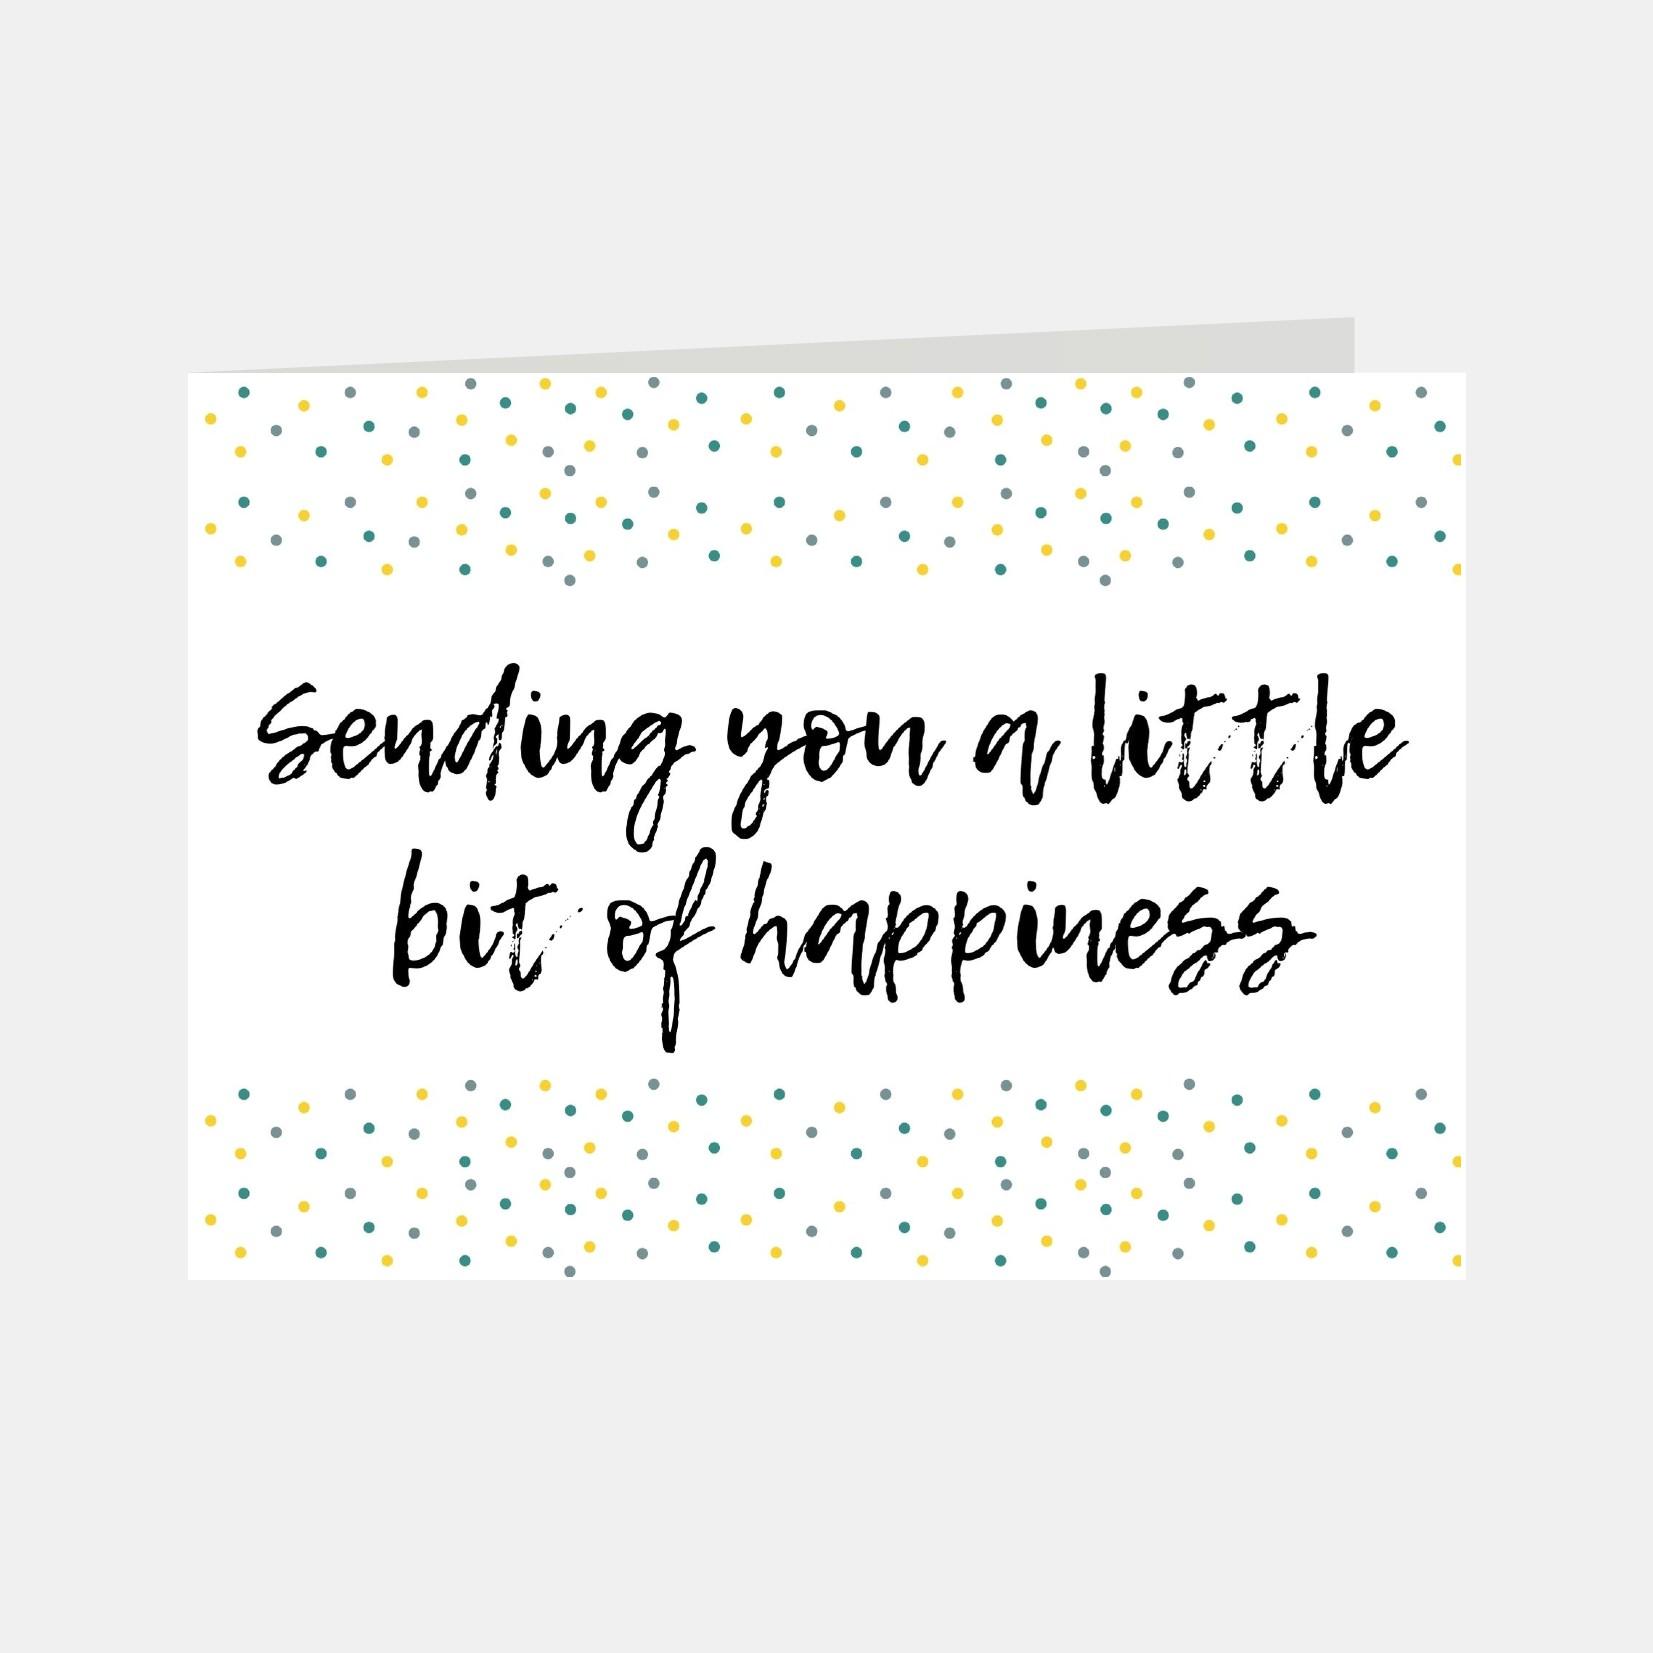 Wenskaart met de tekst Sending you a little bit of happiness